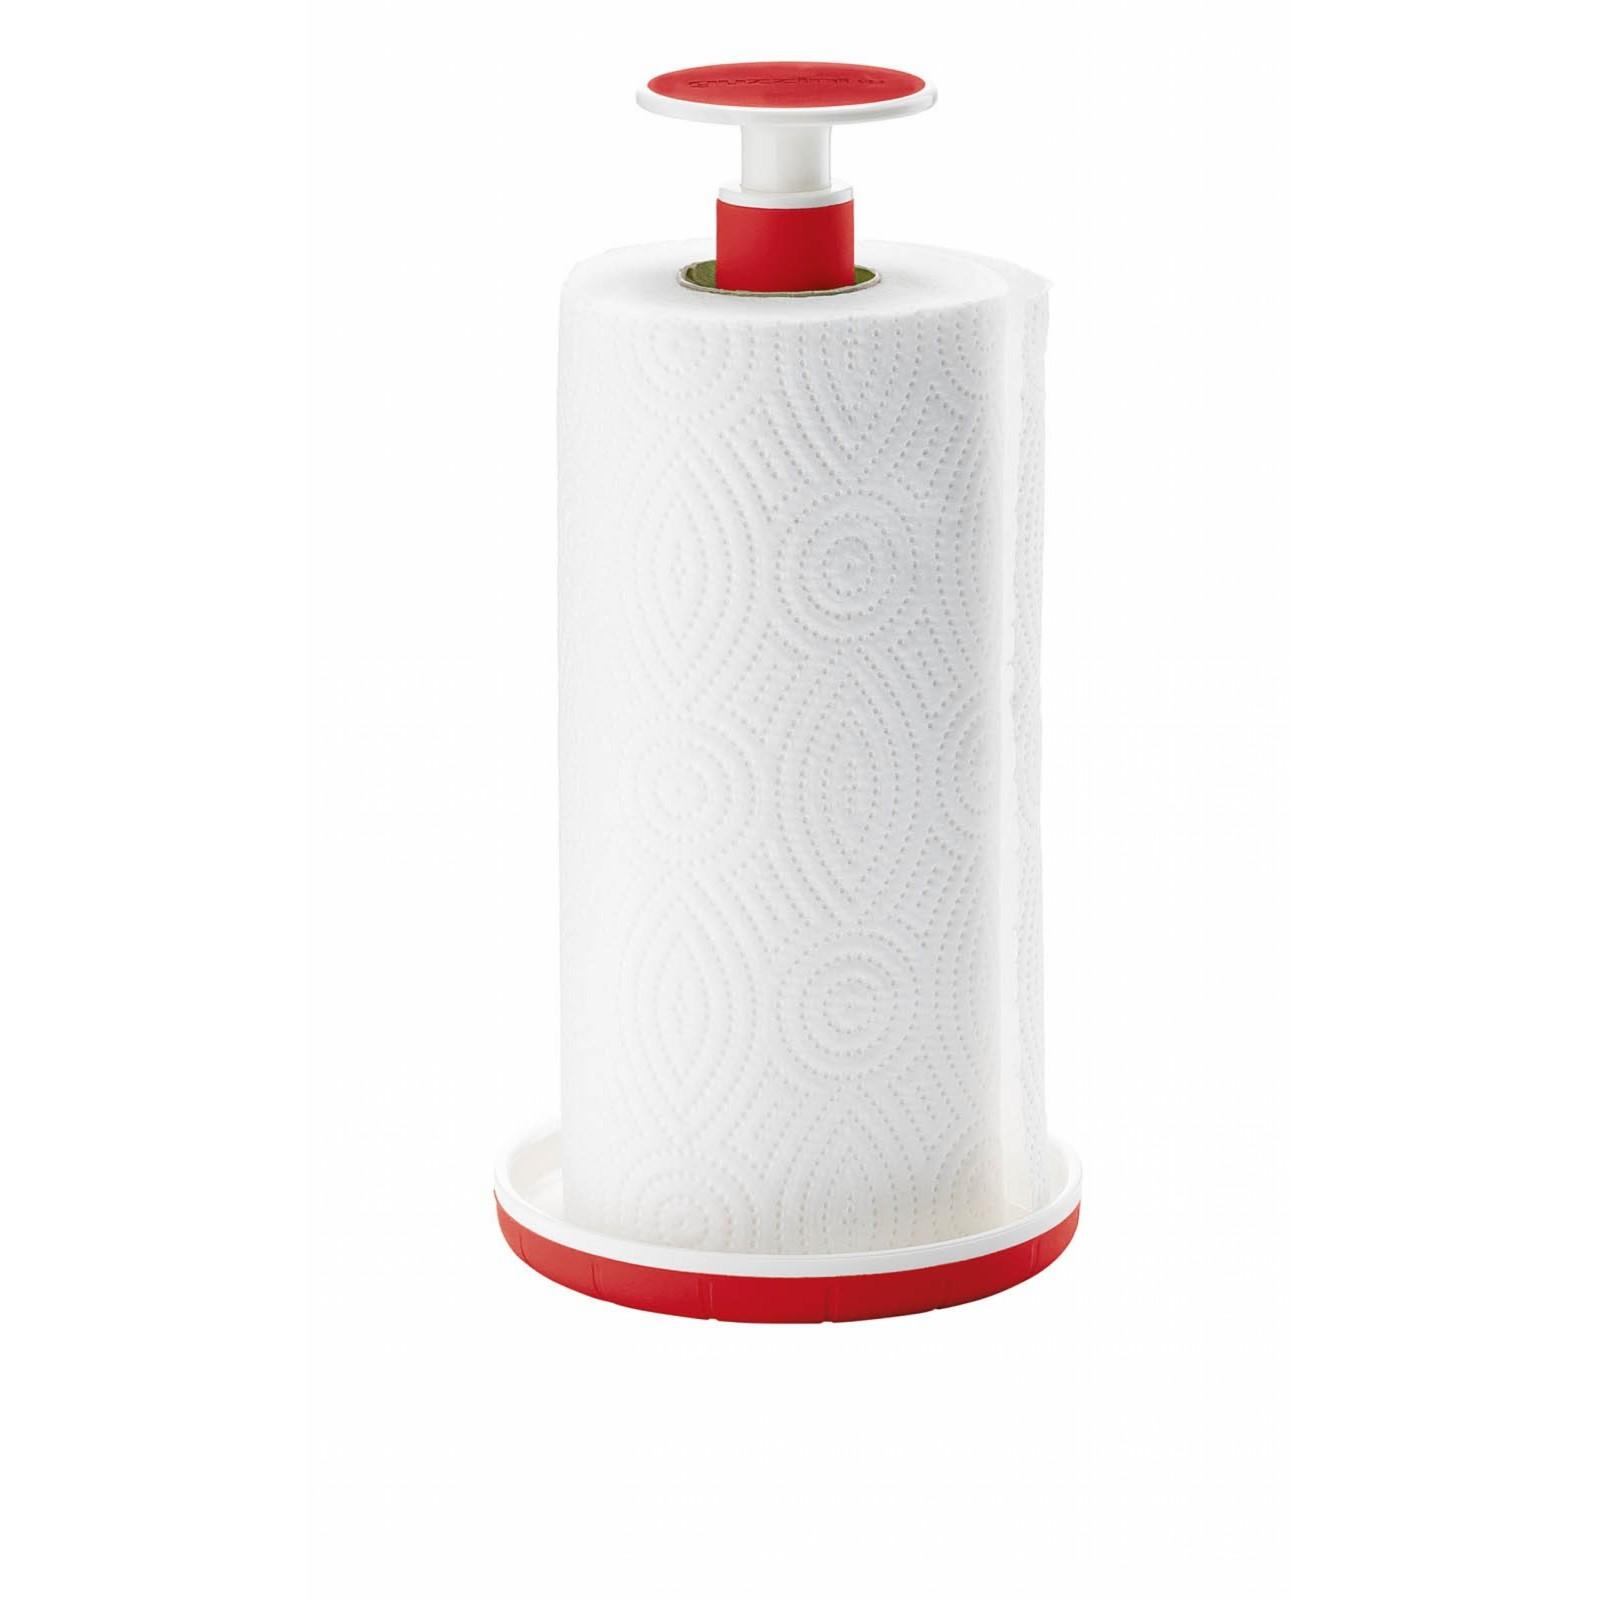 Подставка для бумажного полотенца MY KITCHENFratelli Guzzini производит пластиковую посуду и аксессуары для дома. Элегантная подставка - отличный помощник на кухне, благодаря которому бумажные полотенца всегда будут у вас под рукой, и ими удобно будет пользоваться.<br>